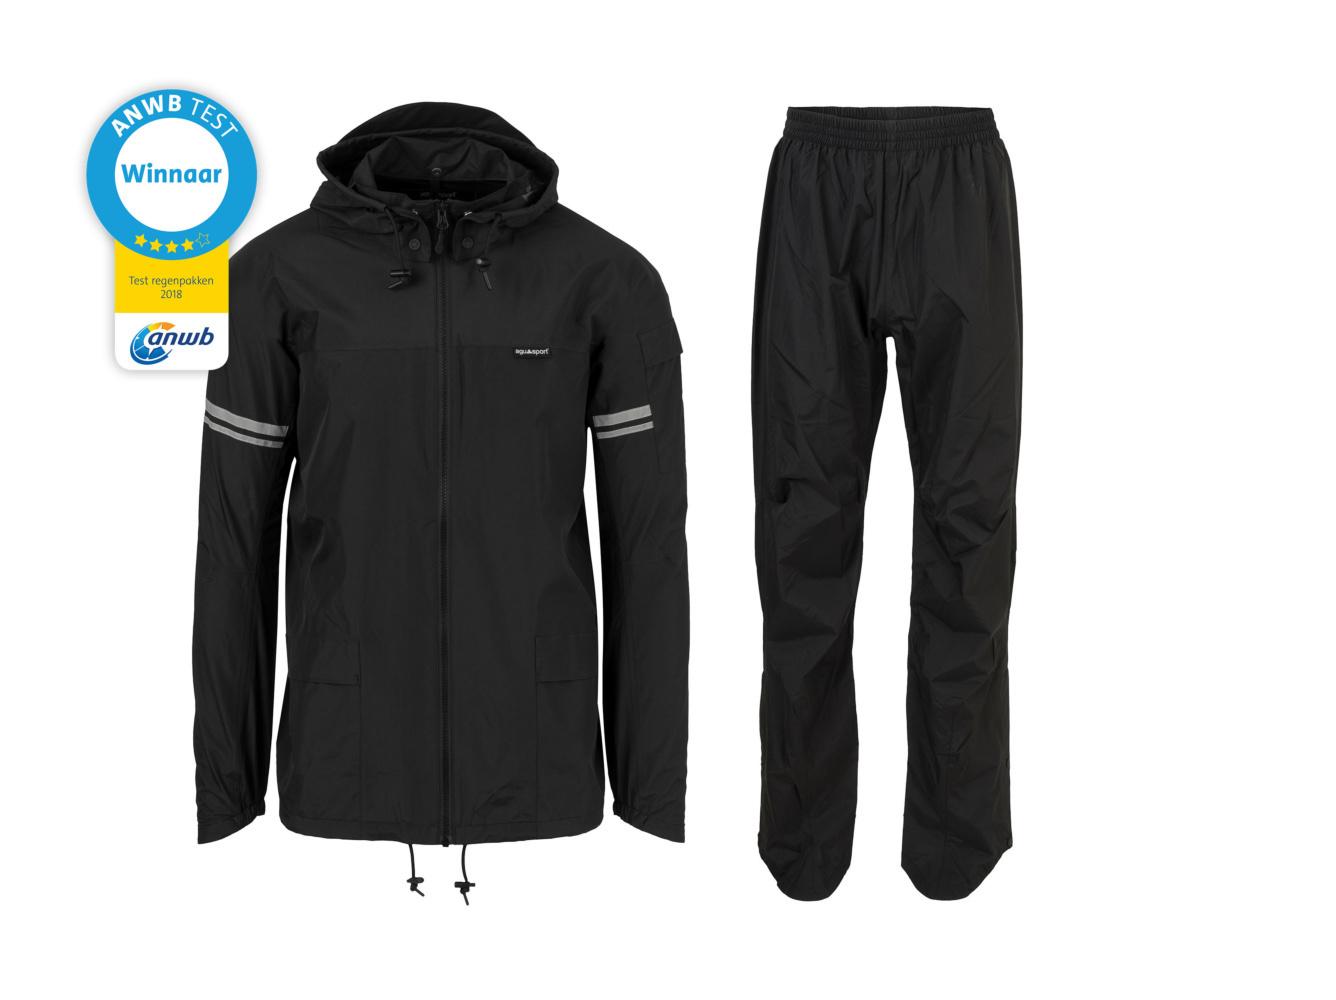 Original Rain Suit - Regenpak Zwart - Maat S